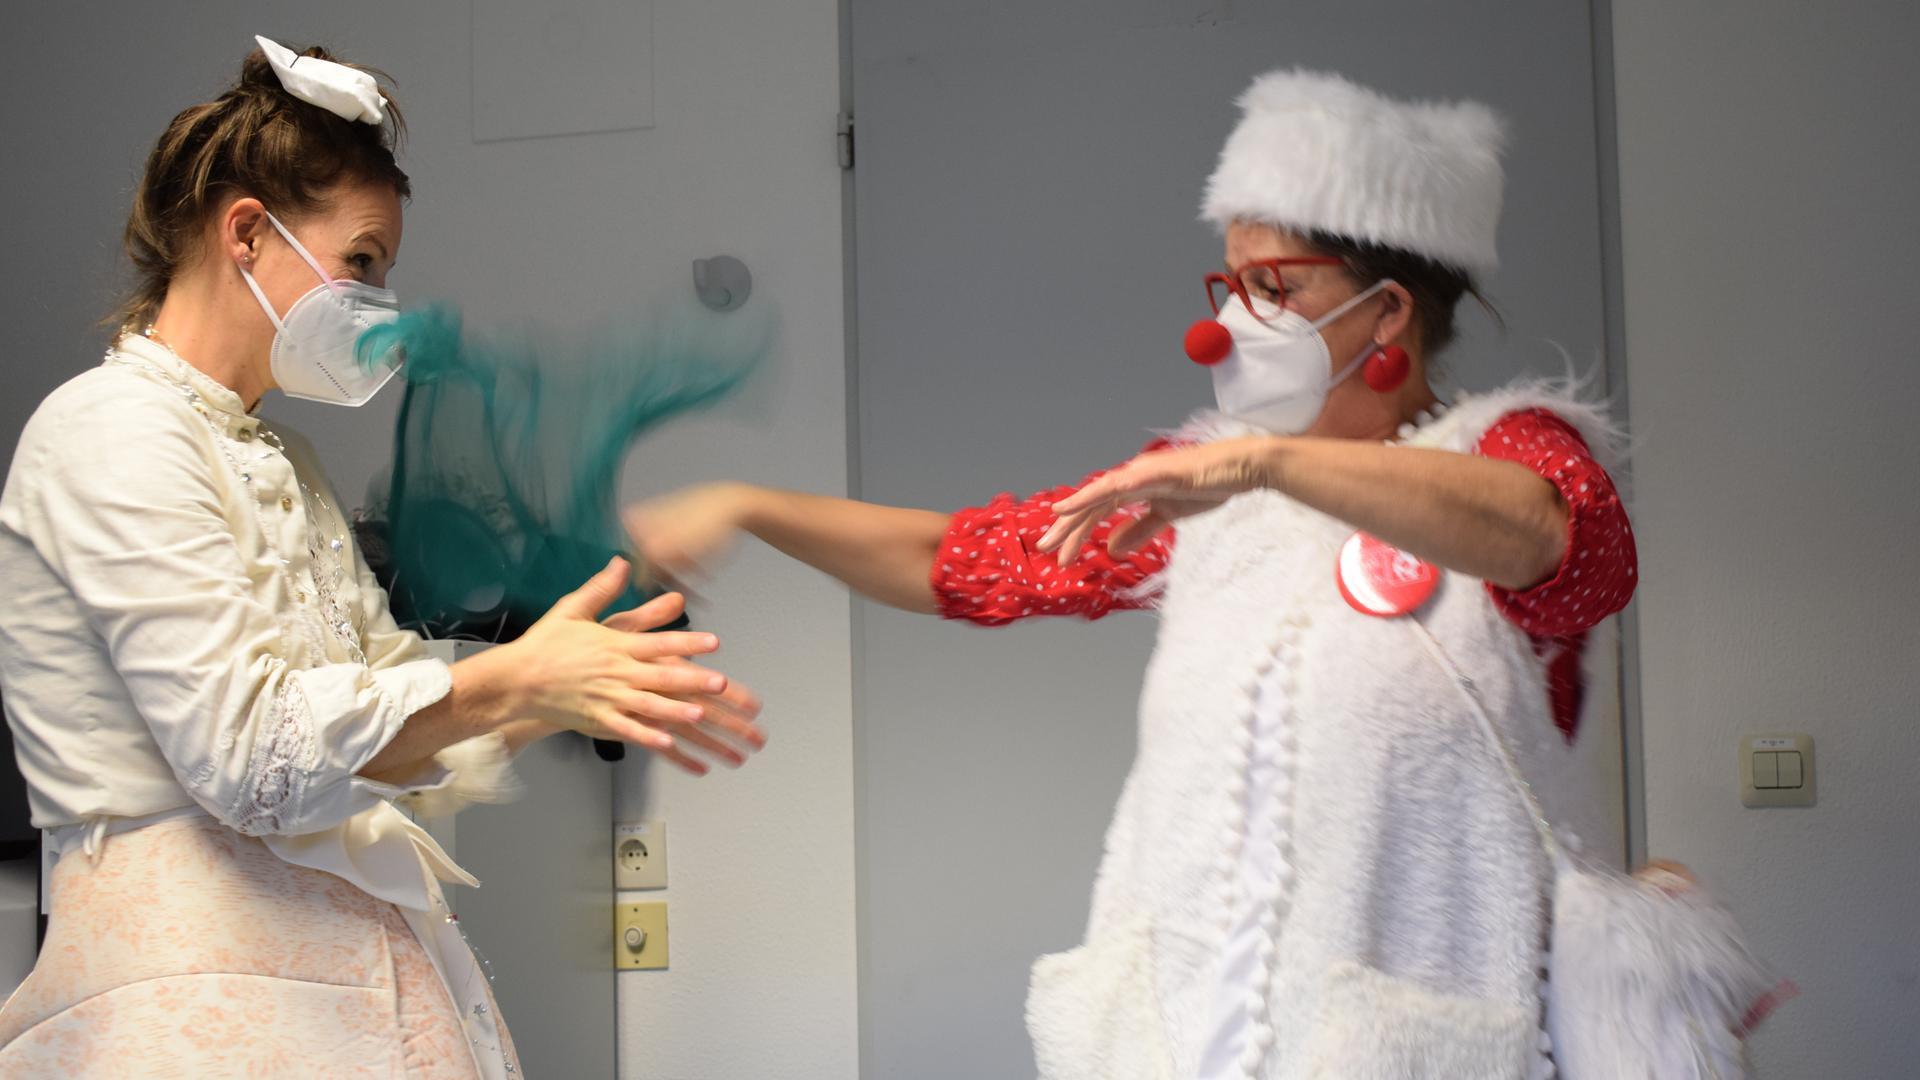 Warmmachen im Umkleideraum: Die Klinikclowns Berenike Felger (links) und Doris Batzler kurz vor der Tour über die Querschnittsgelähmten-Station im SRH-Klinikum.